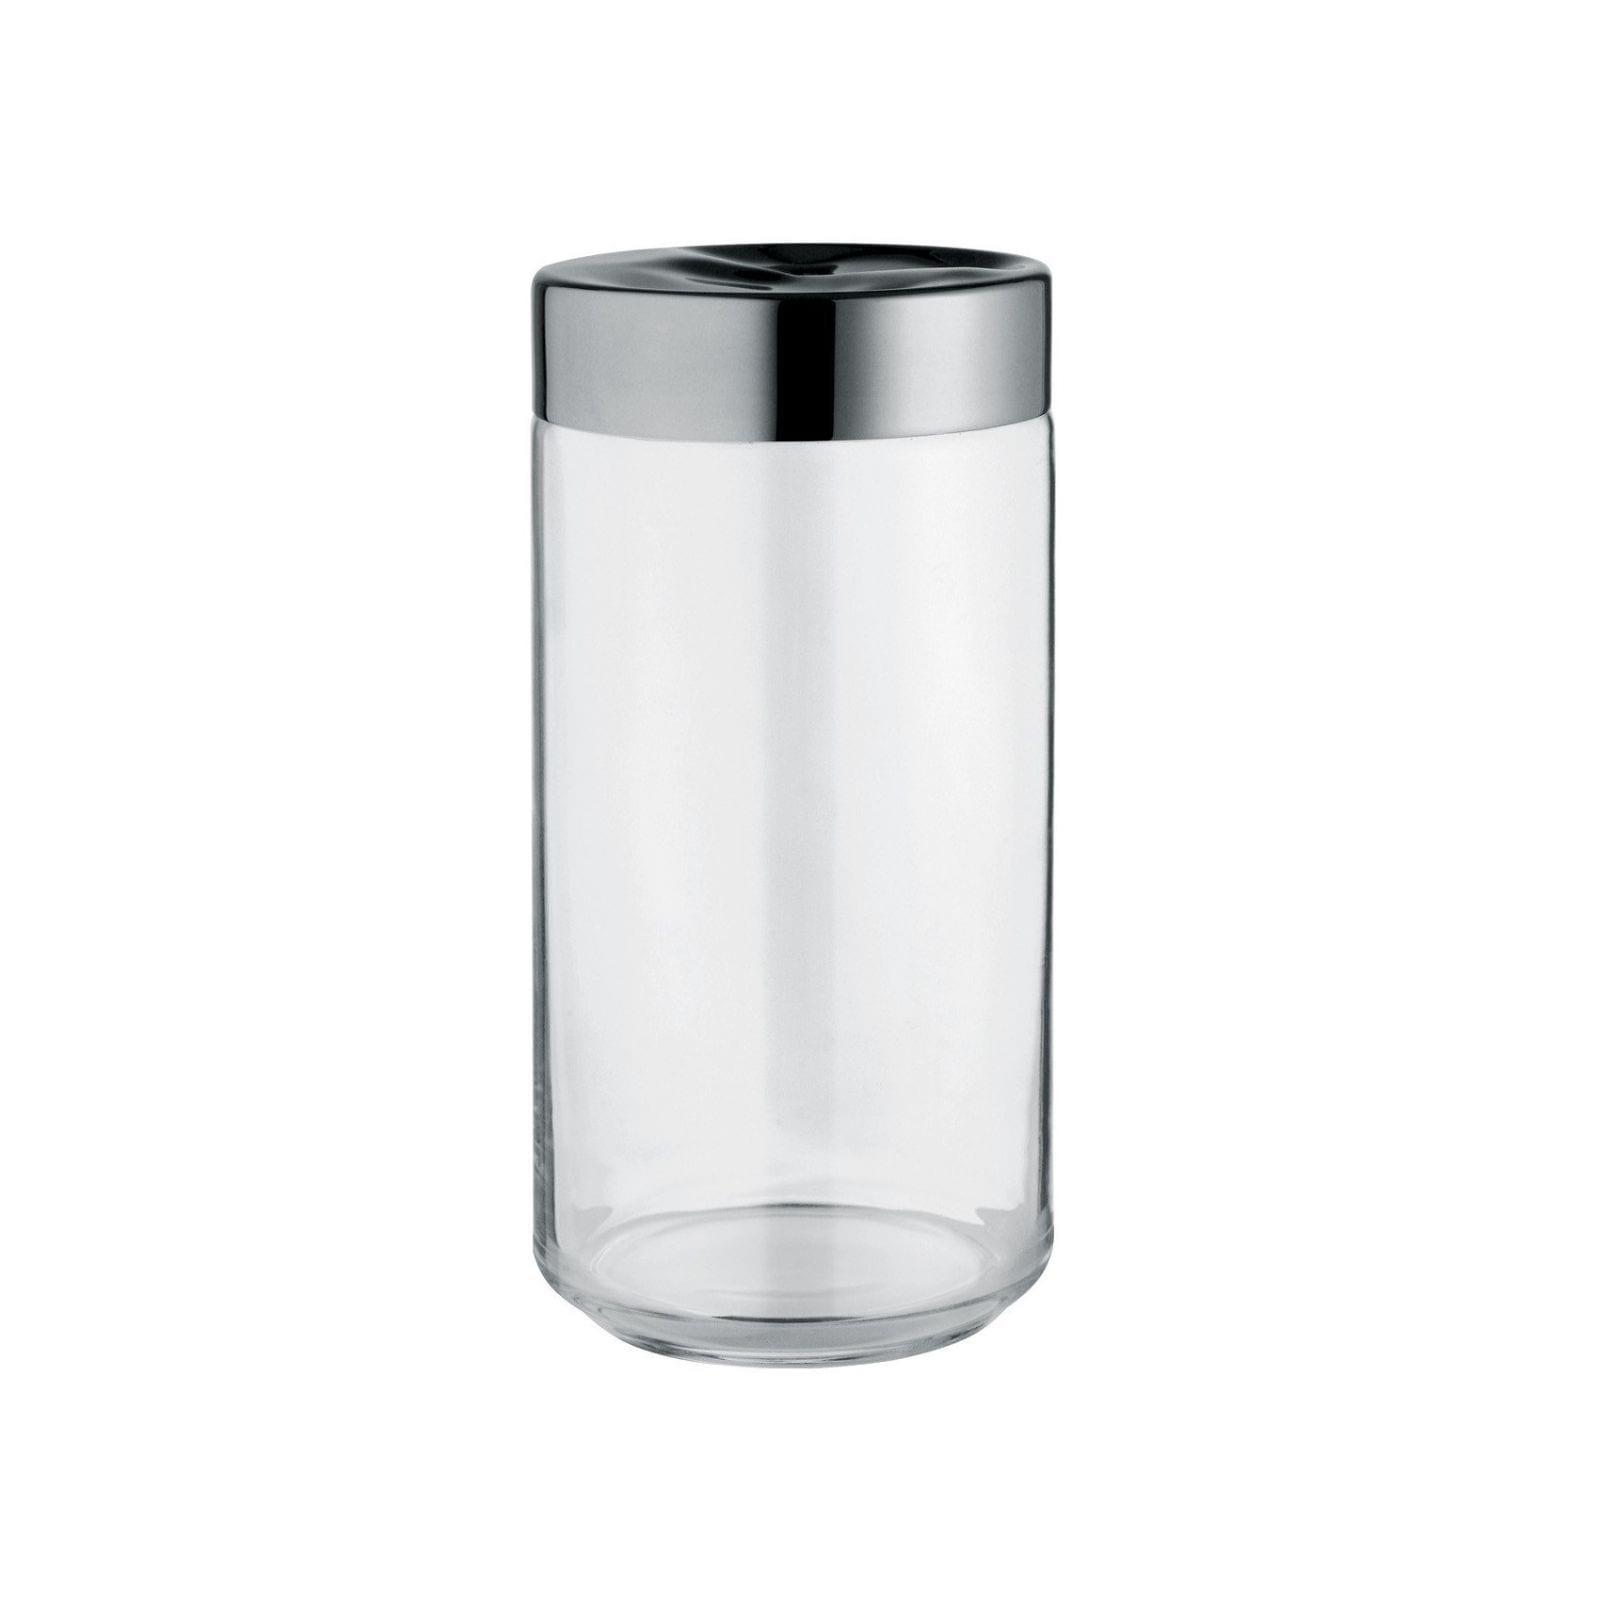 Julieta Jar 1500ml (Glass / Steel) – Alessi